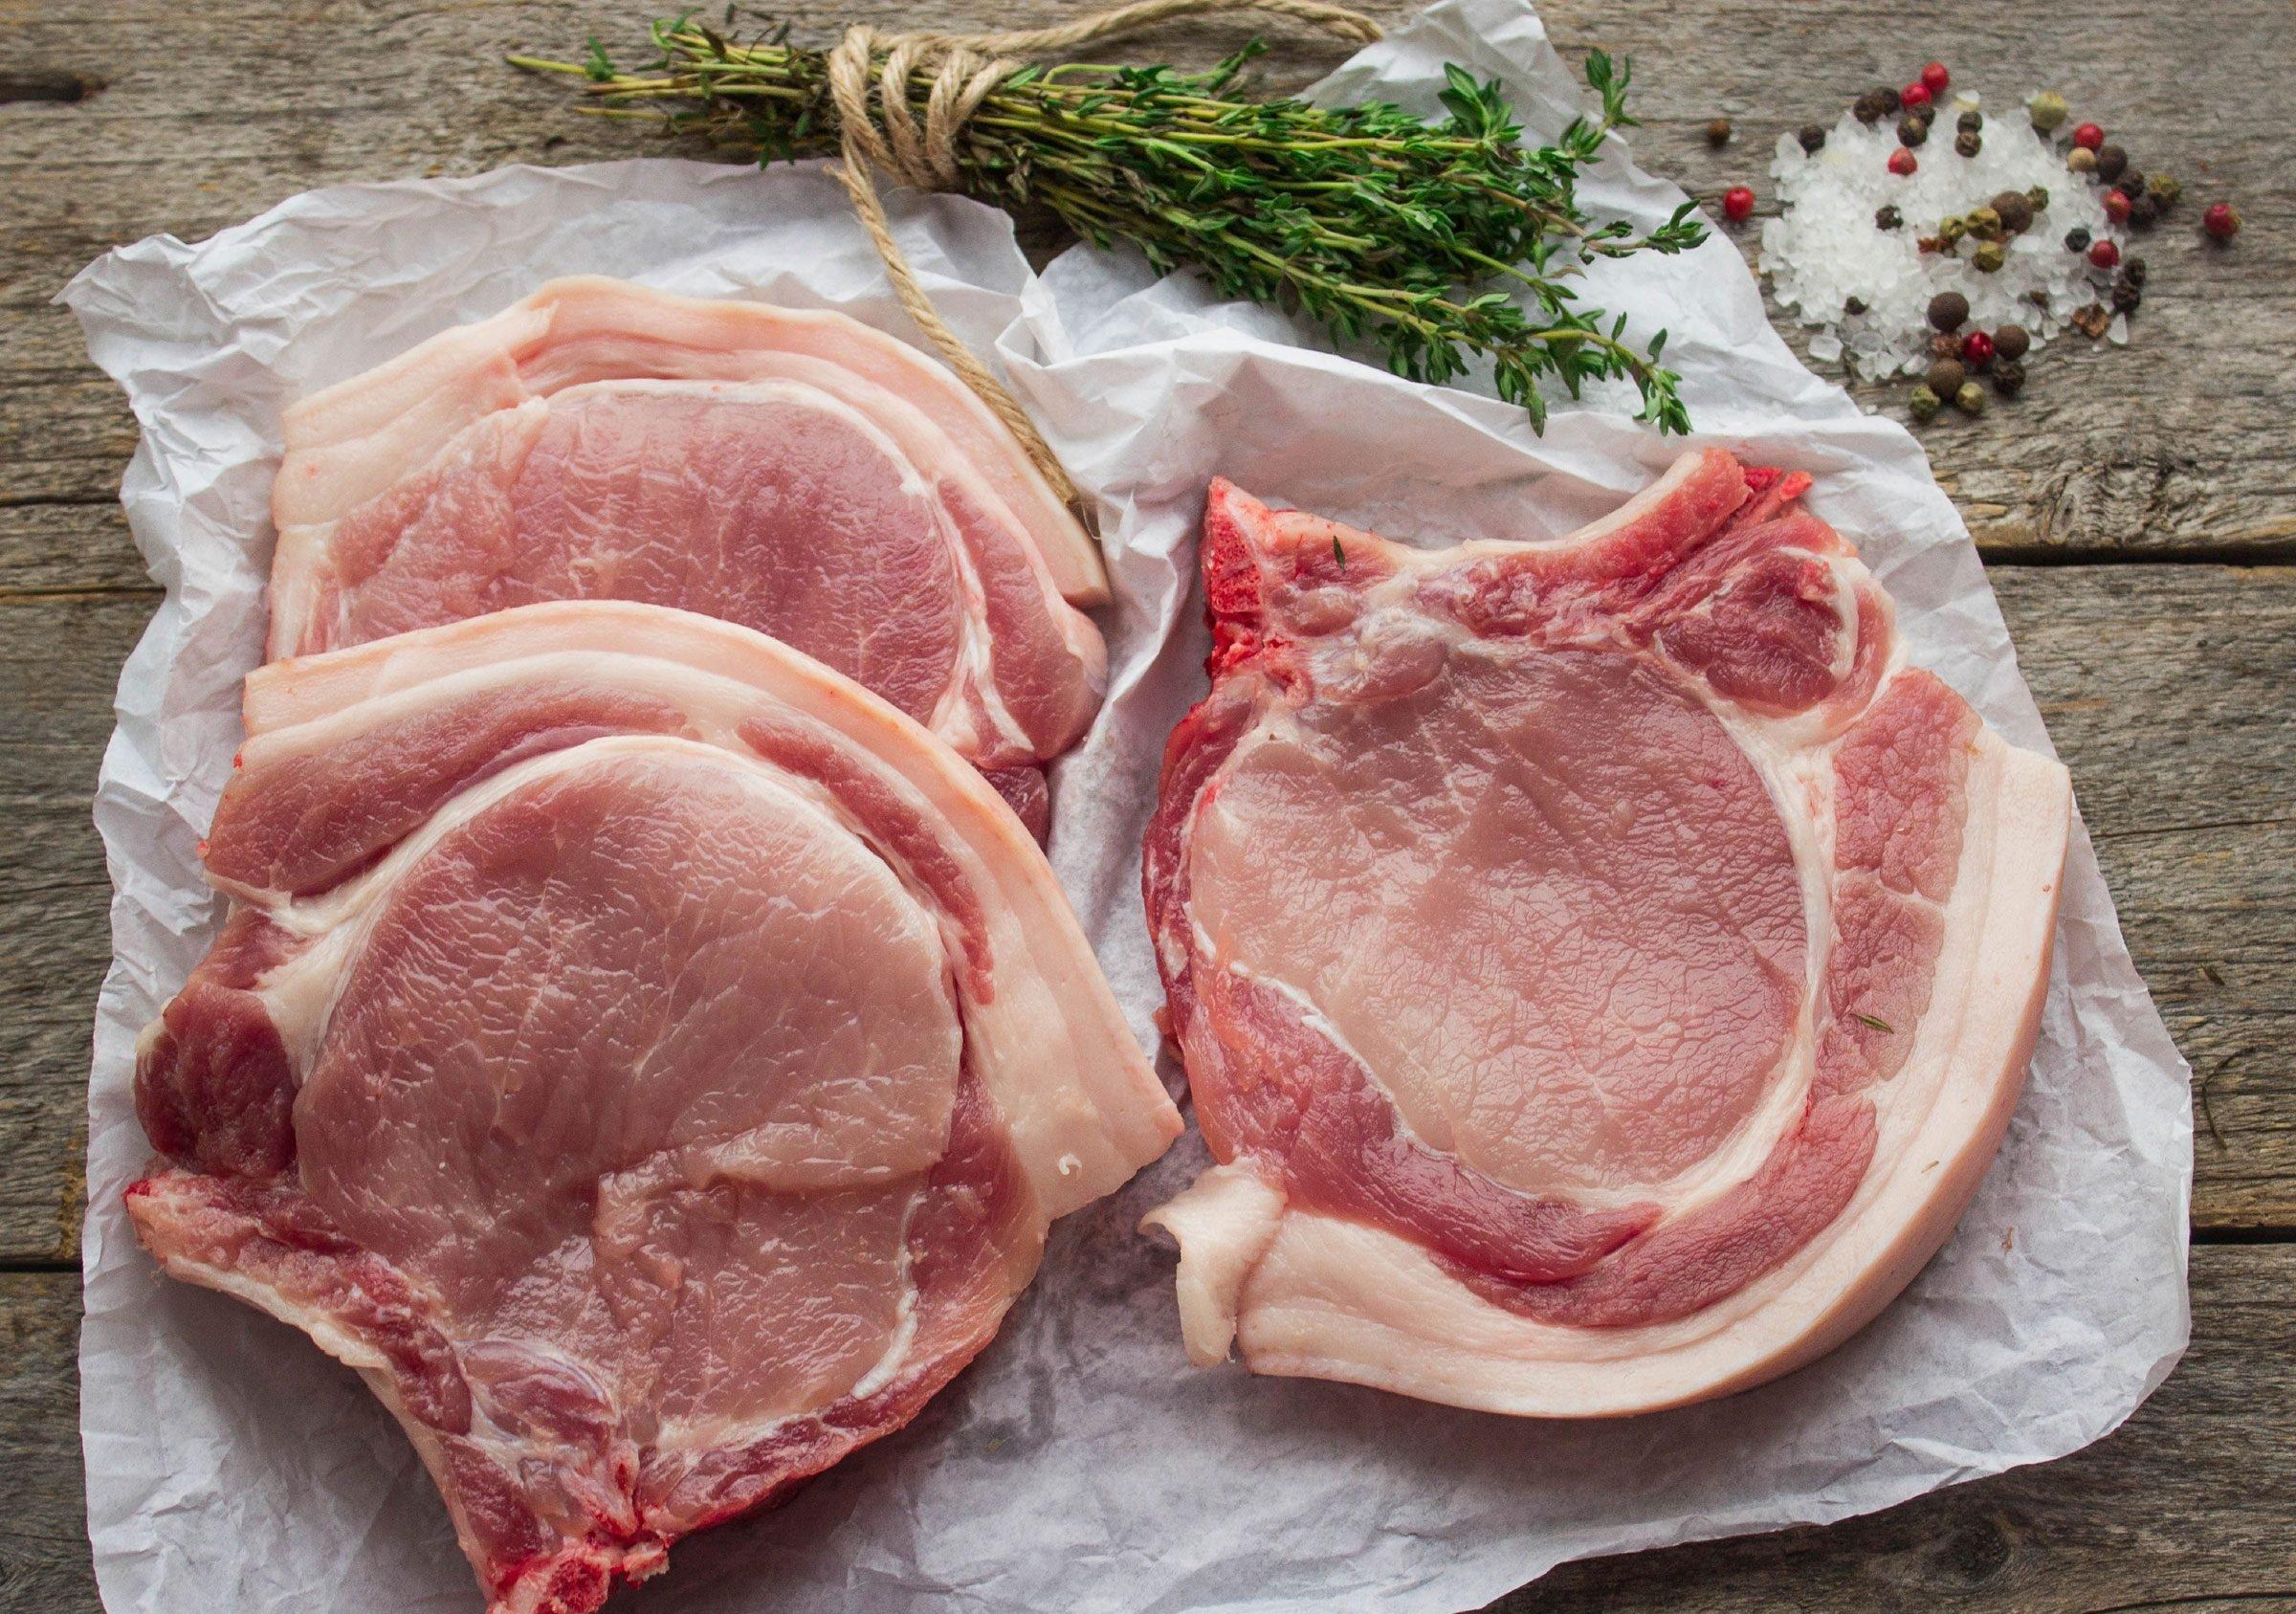 Pick up pork chops or a lean pork loin.